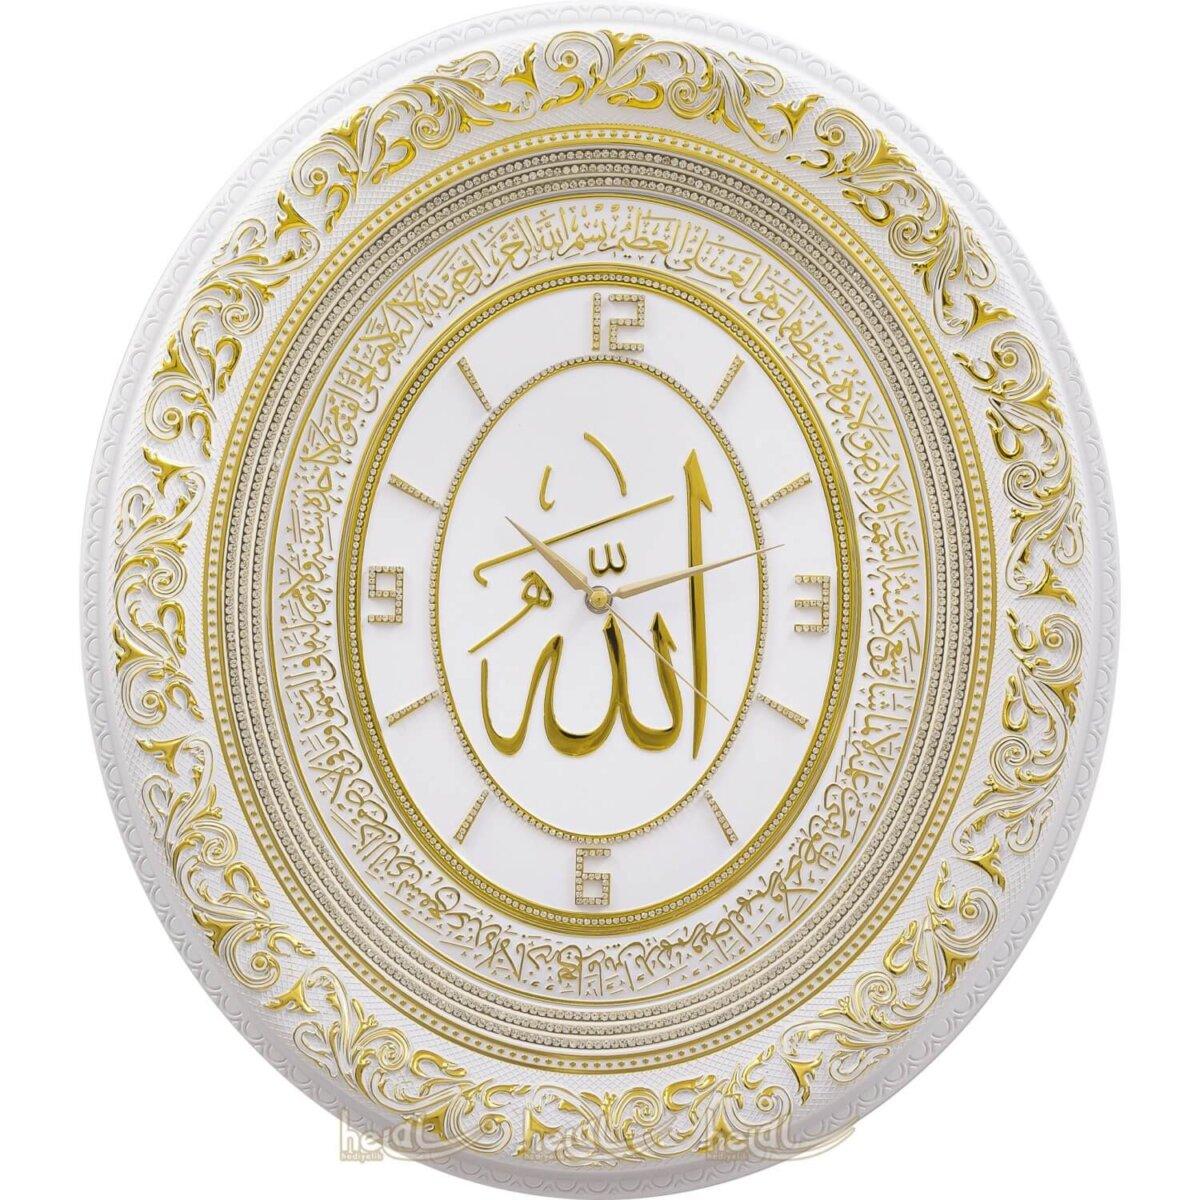 52x60cm Büyük Lüks Taşlı Ayetel Kürsi ve Allah cc. Lafzlı Duvar Saati Tablo 52x60cm Büyük Lüks Taşlı Ayetel Kürsi ve Allah cc. Lafzlı Duvar Saati Tablo